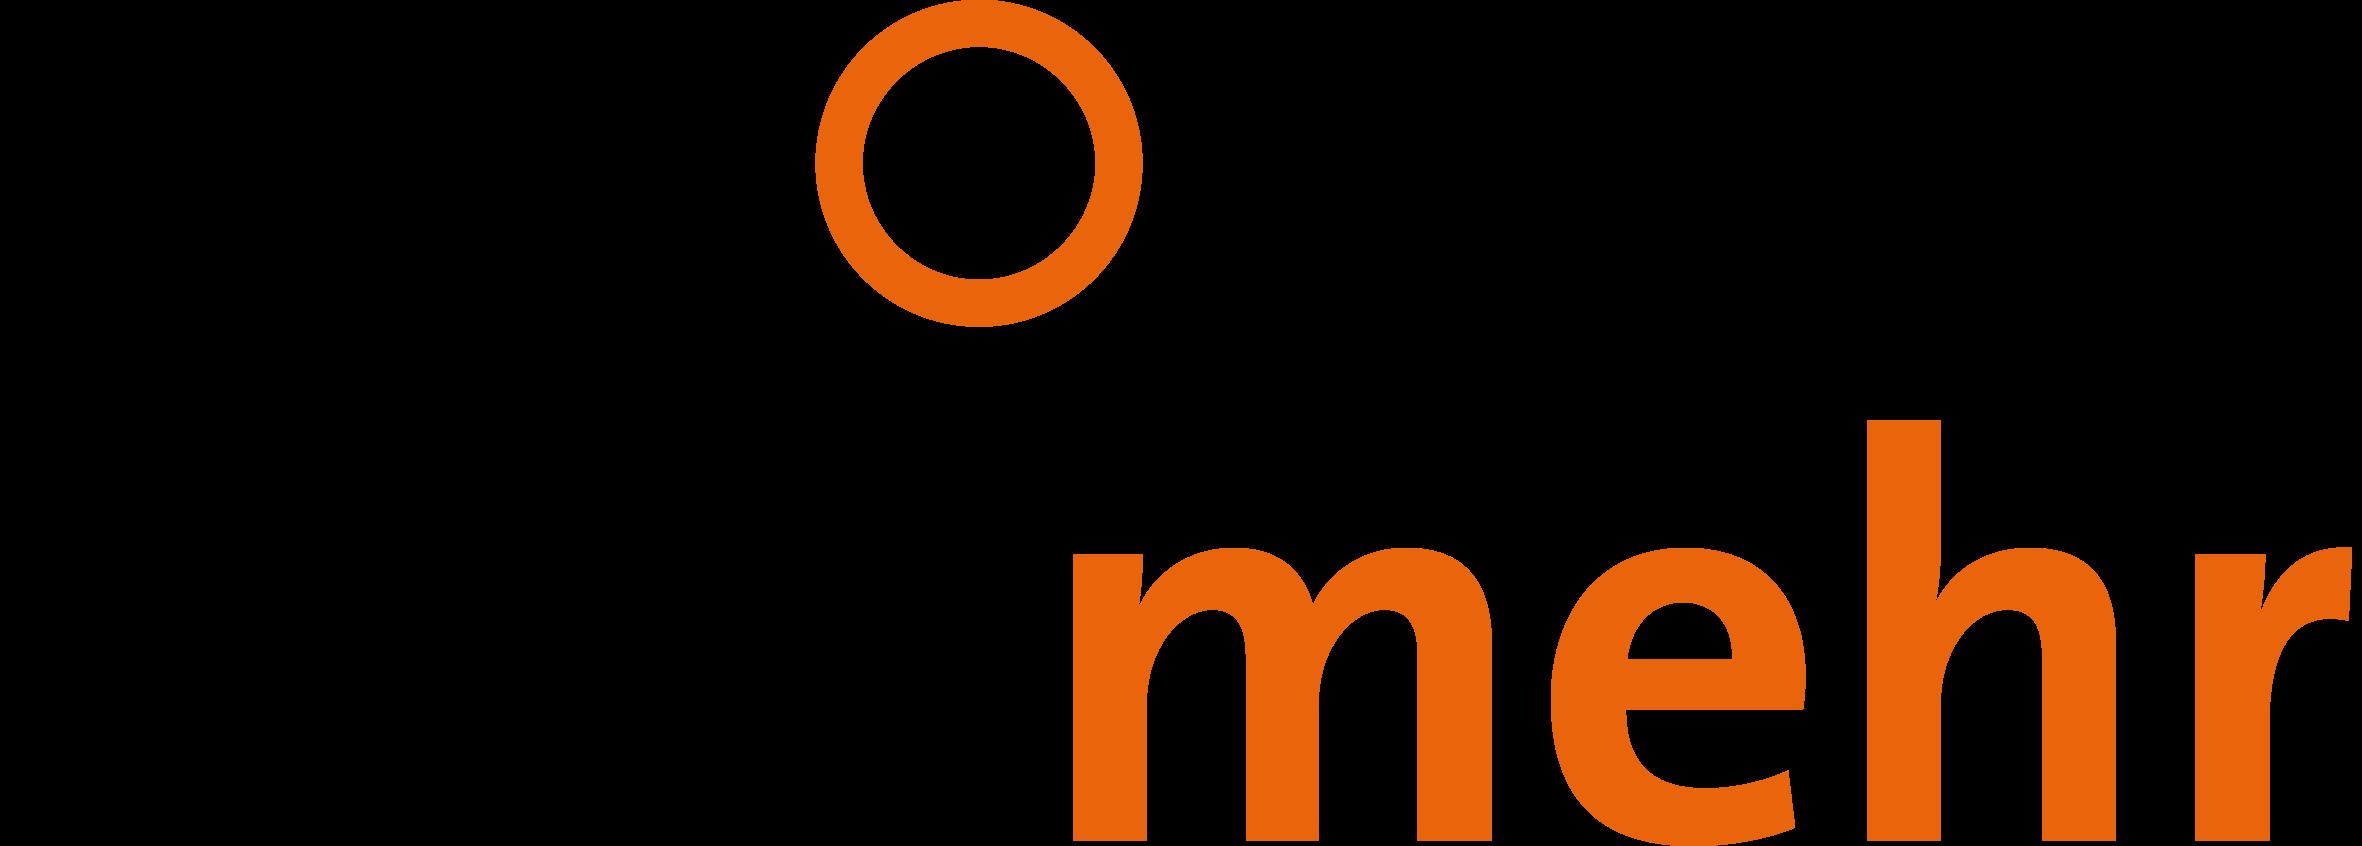 logo von commehr berlin